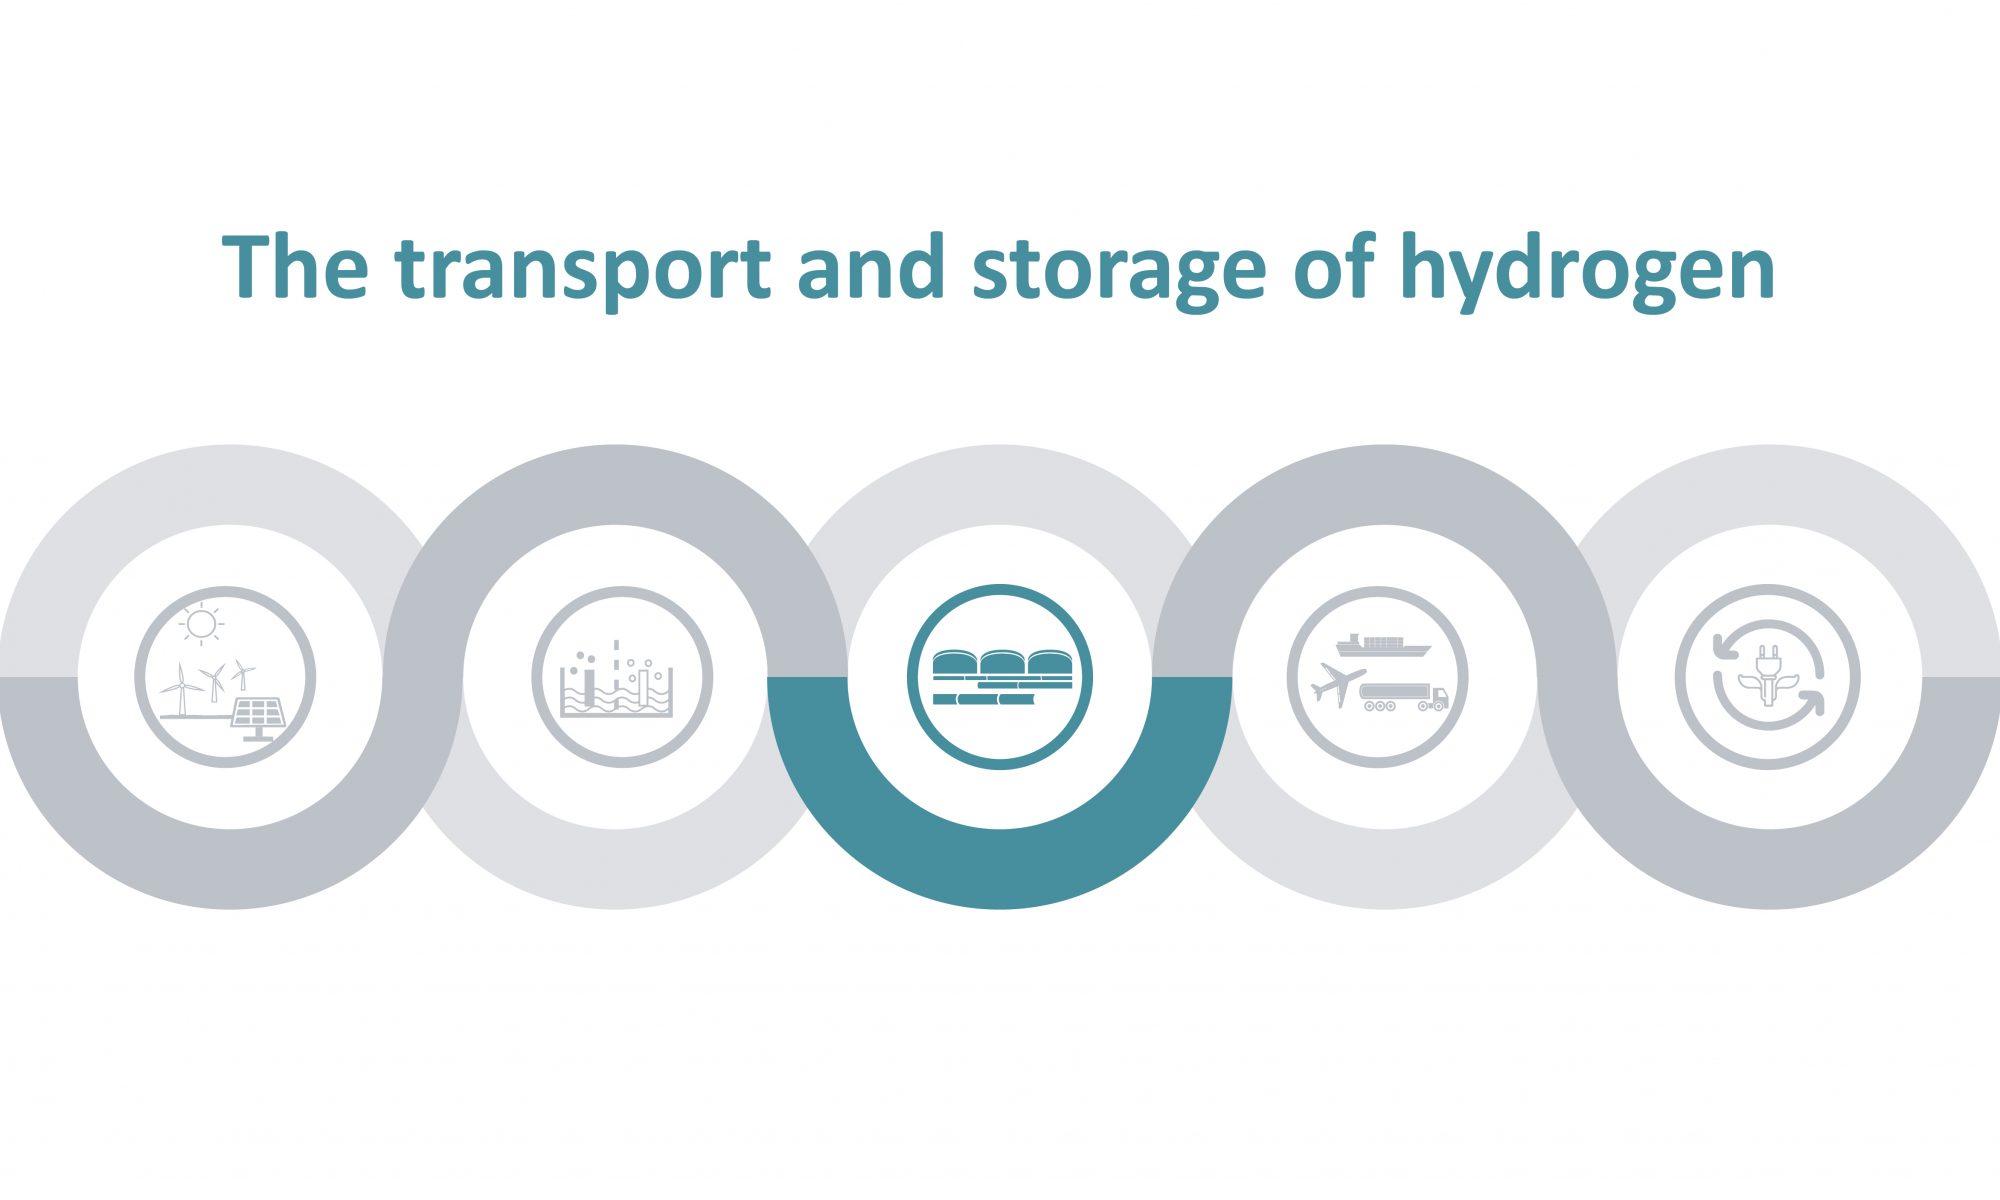 Grafische Darstellung der Wertschöpfungskette von Wasserstoff, die dritte Phase des Transports und die Speicherung von Wasserstoff ist eingefärbt.